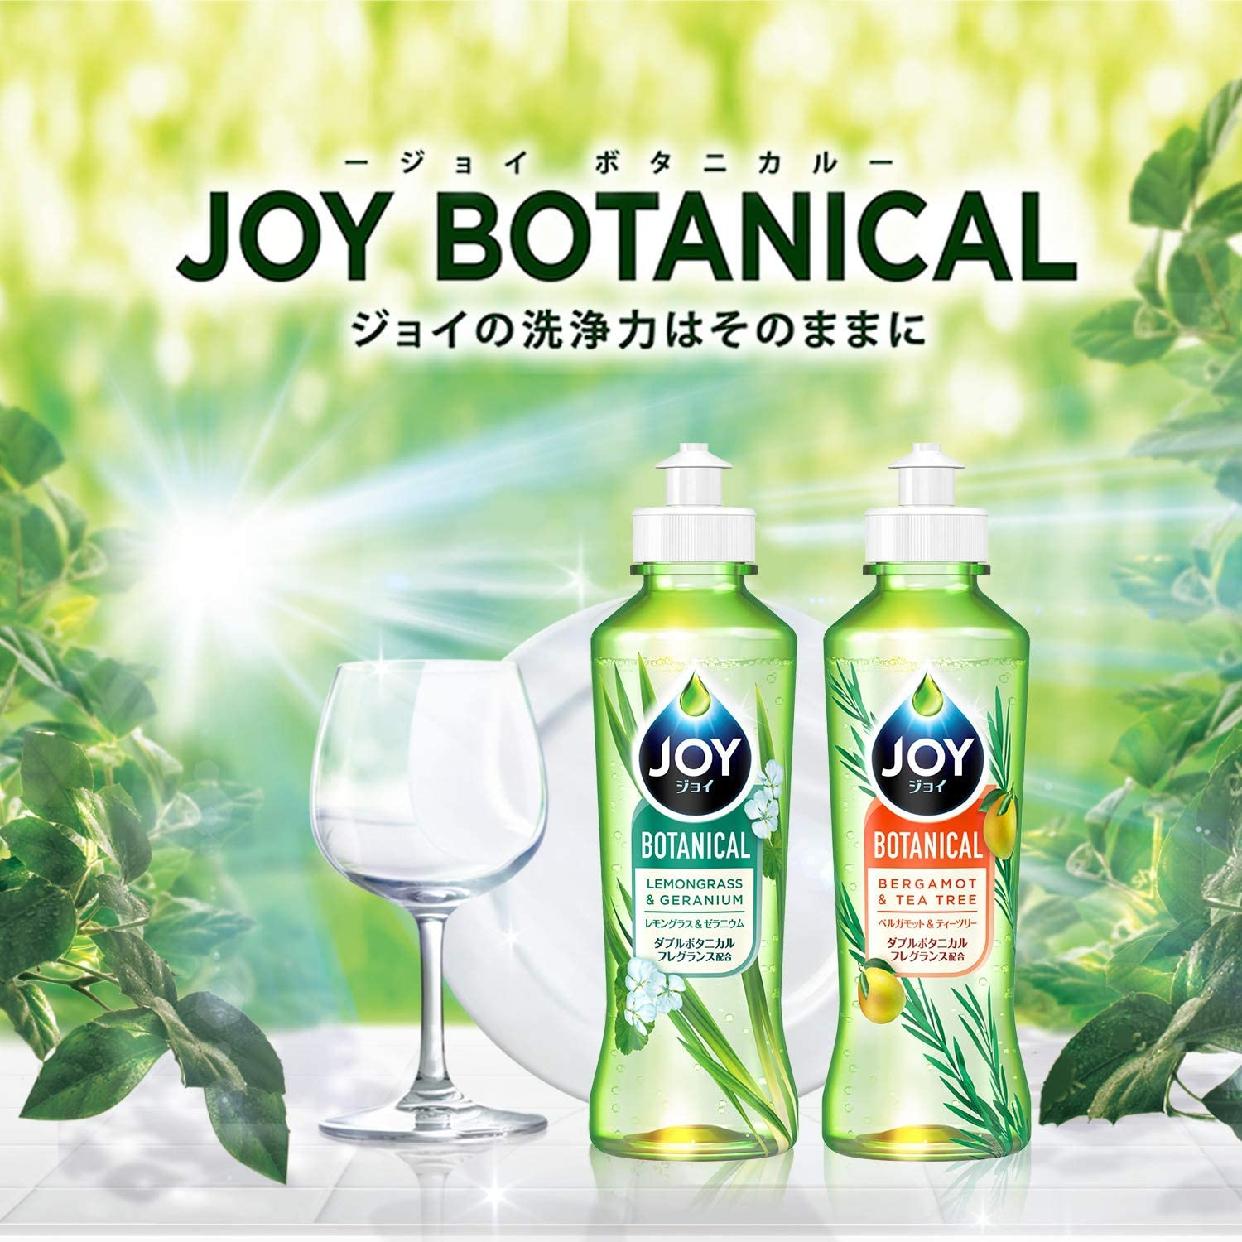 JOY(ジョイ) ボタニカル レモングラス&ゼラニウムの商品画像3